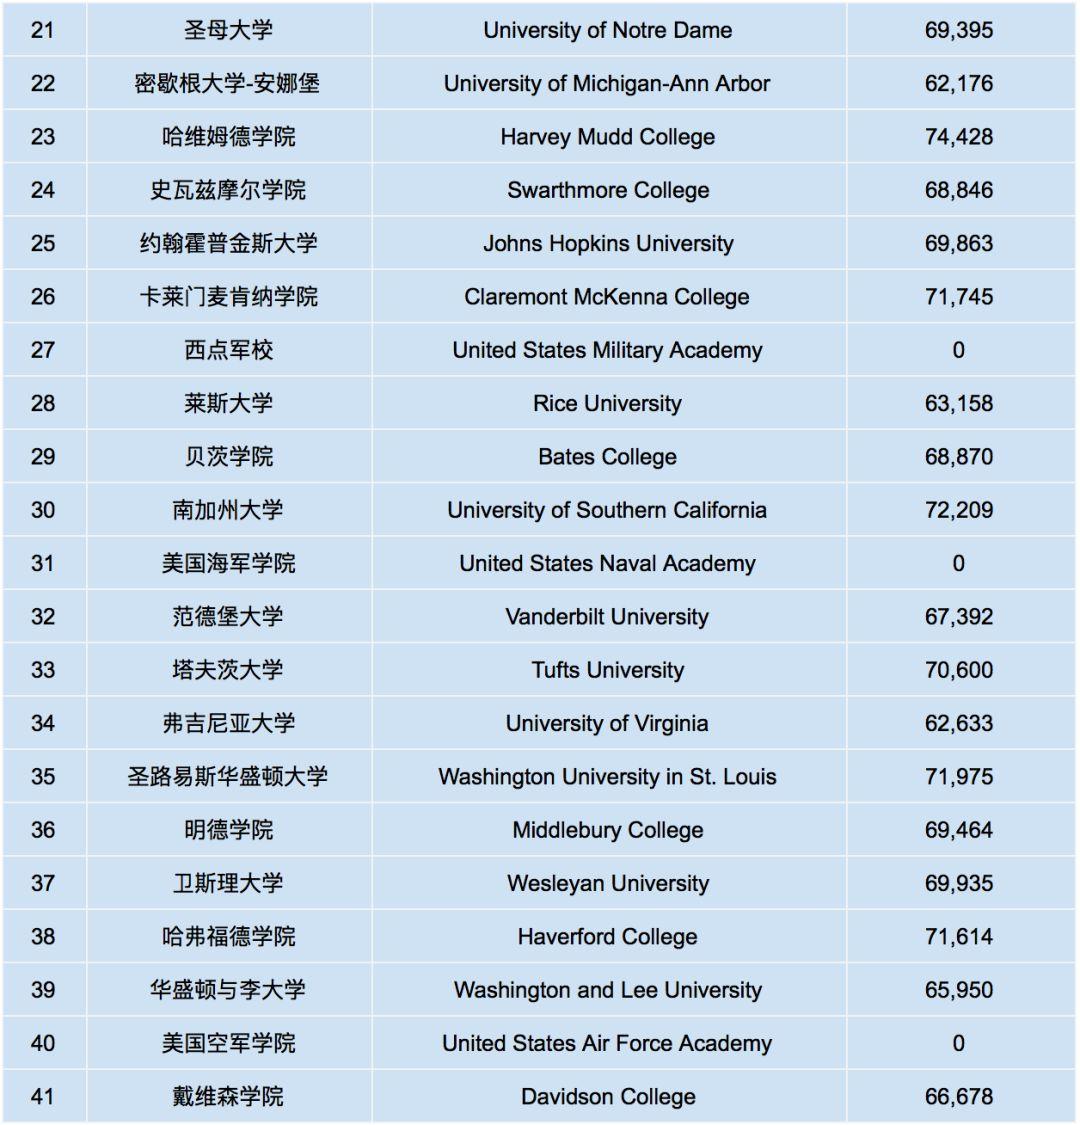 福布斯2018年全美最佳大学排名出炉!你的学校进前100了没?